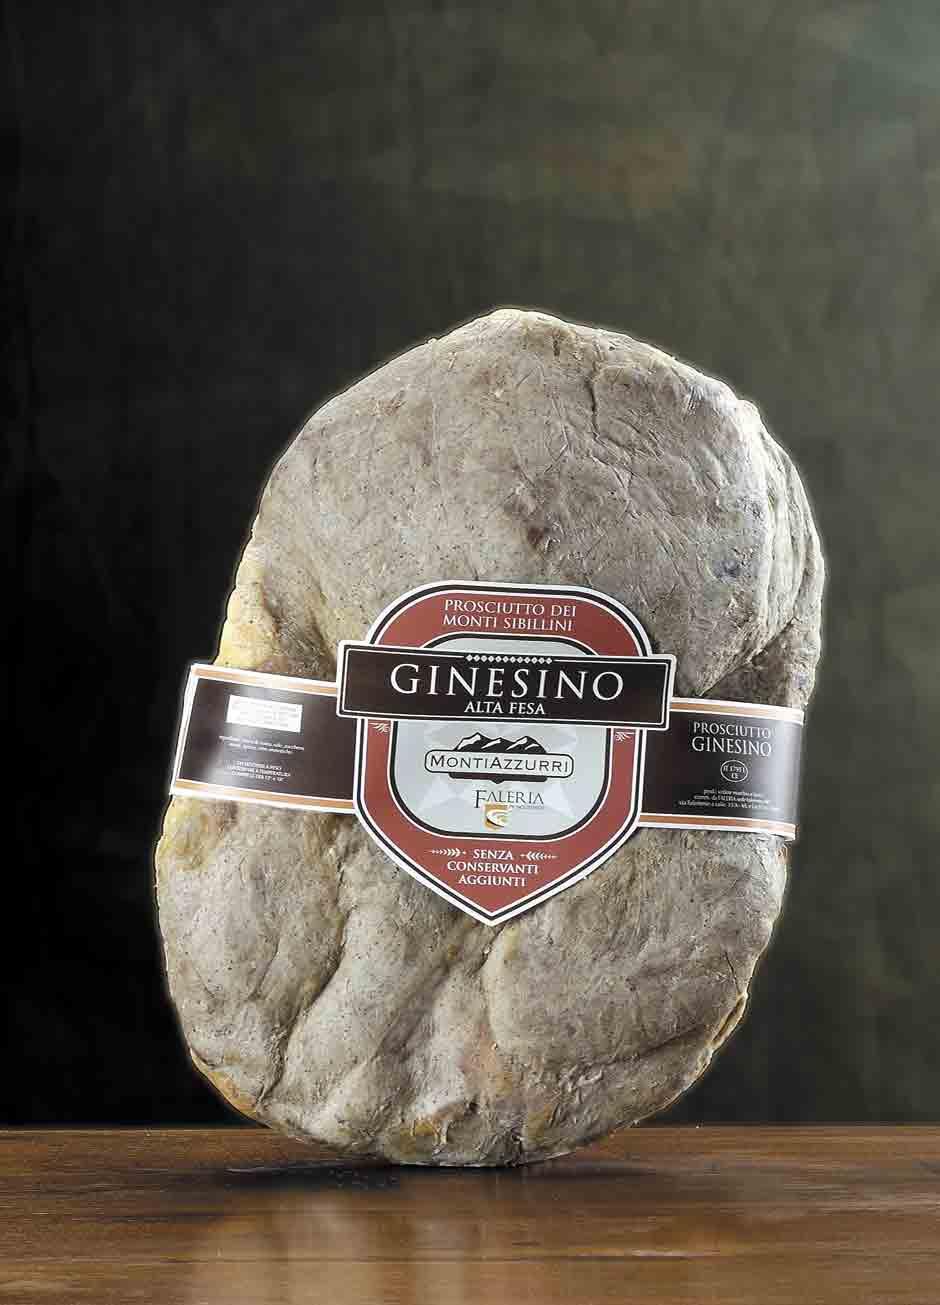 Prosciutto dei Monti Sibillini GINESINO alta fesa aperto tipo gran speck, sugnato